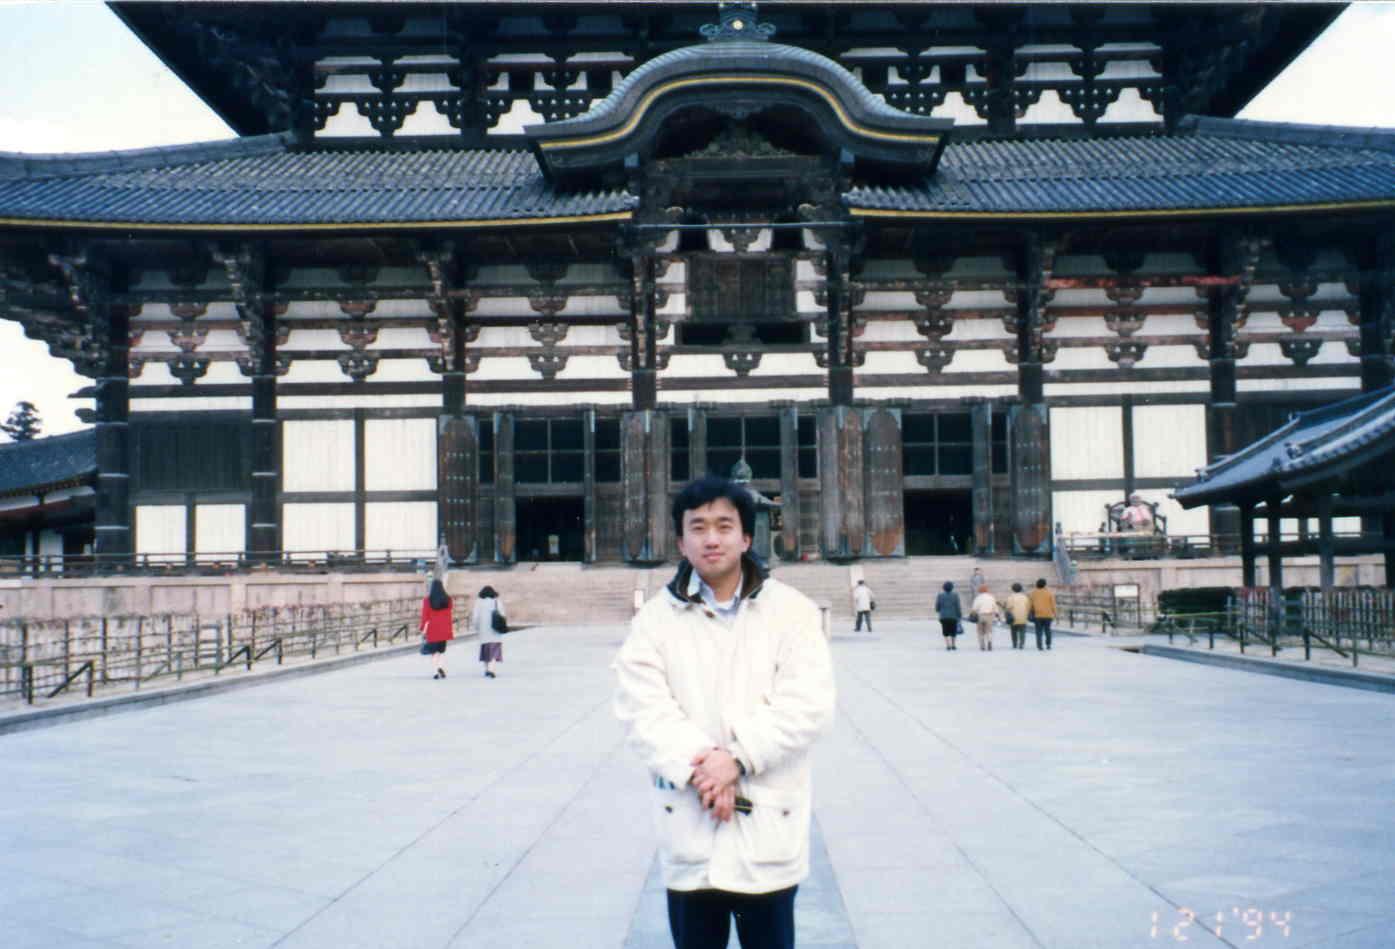 京都 法然院、三千院、天竜寺、東大寺_d0077719_20333255.jpg